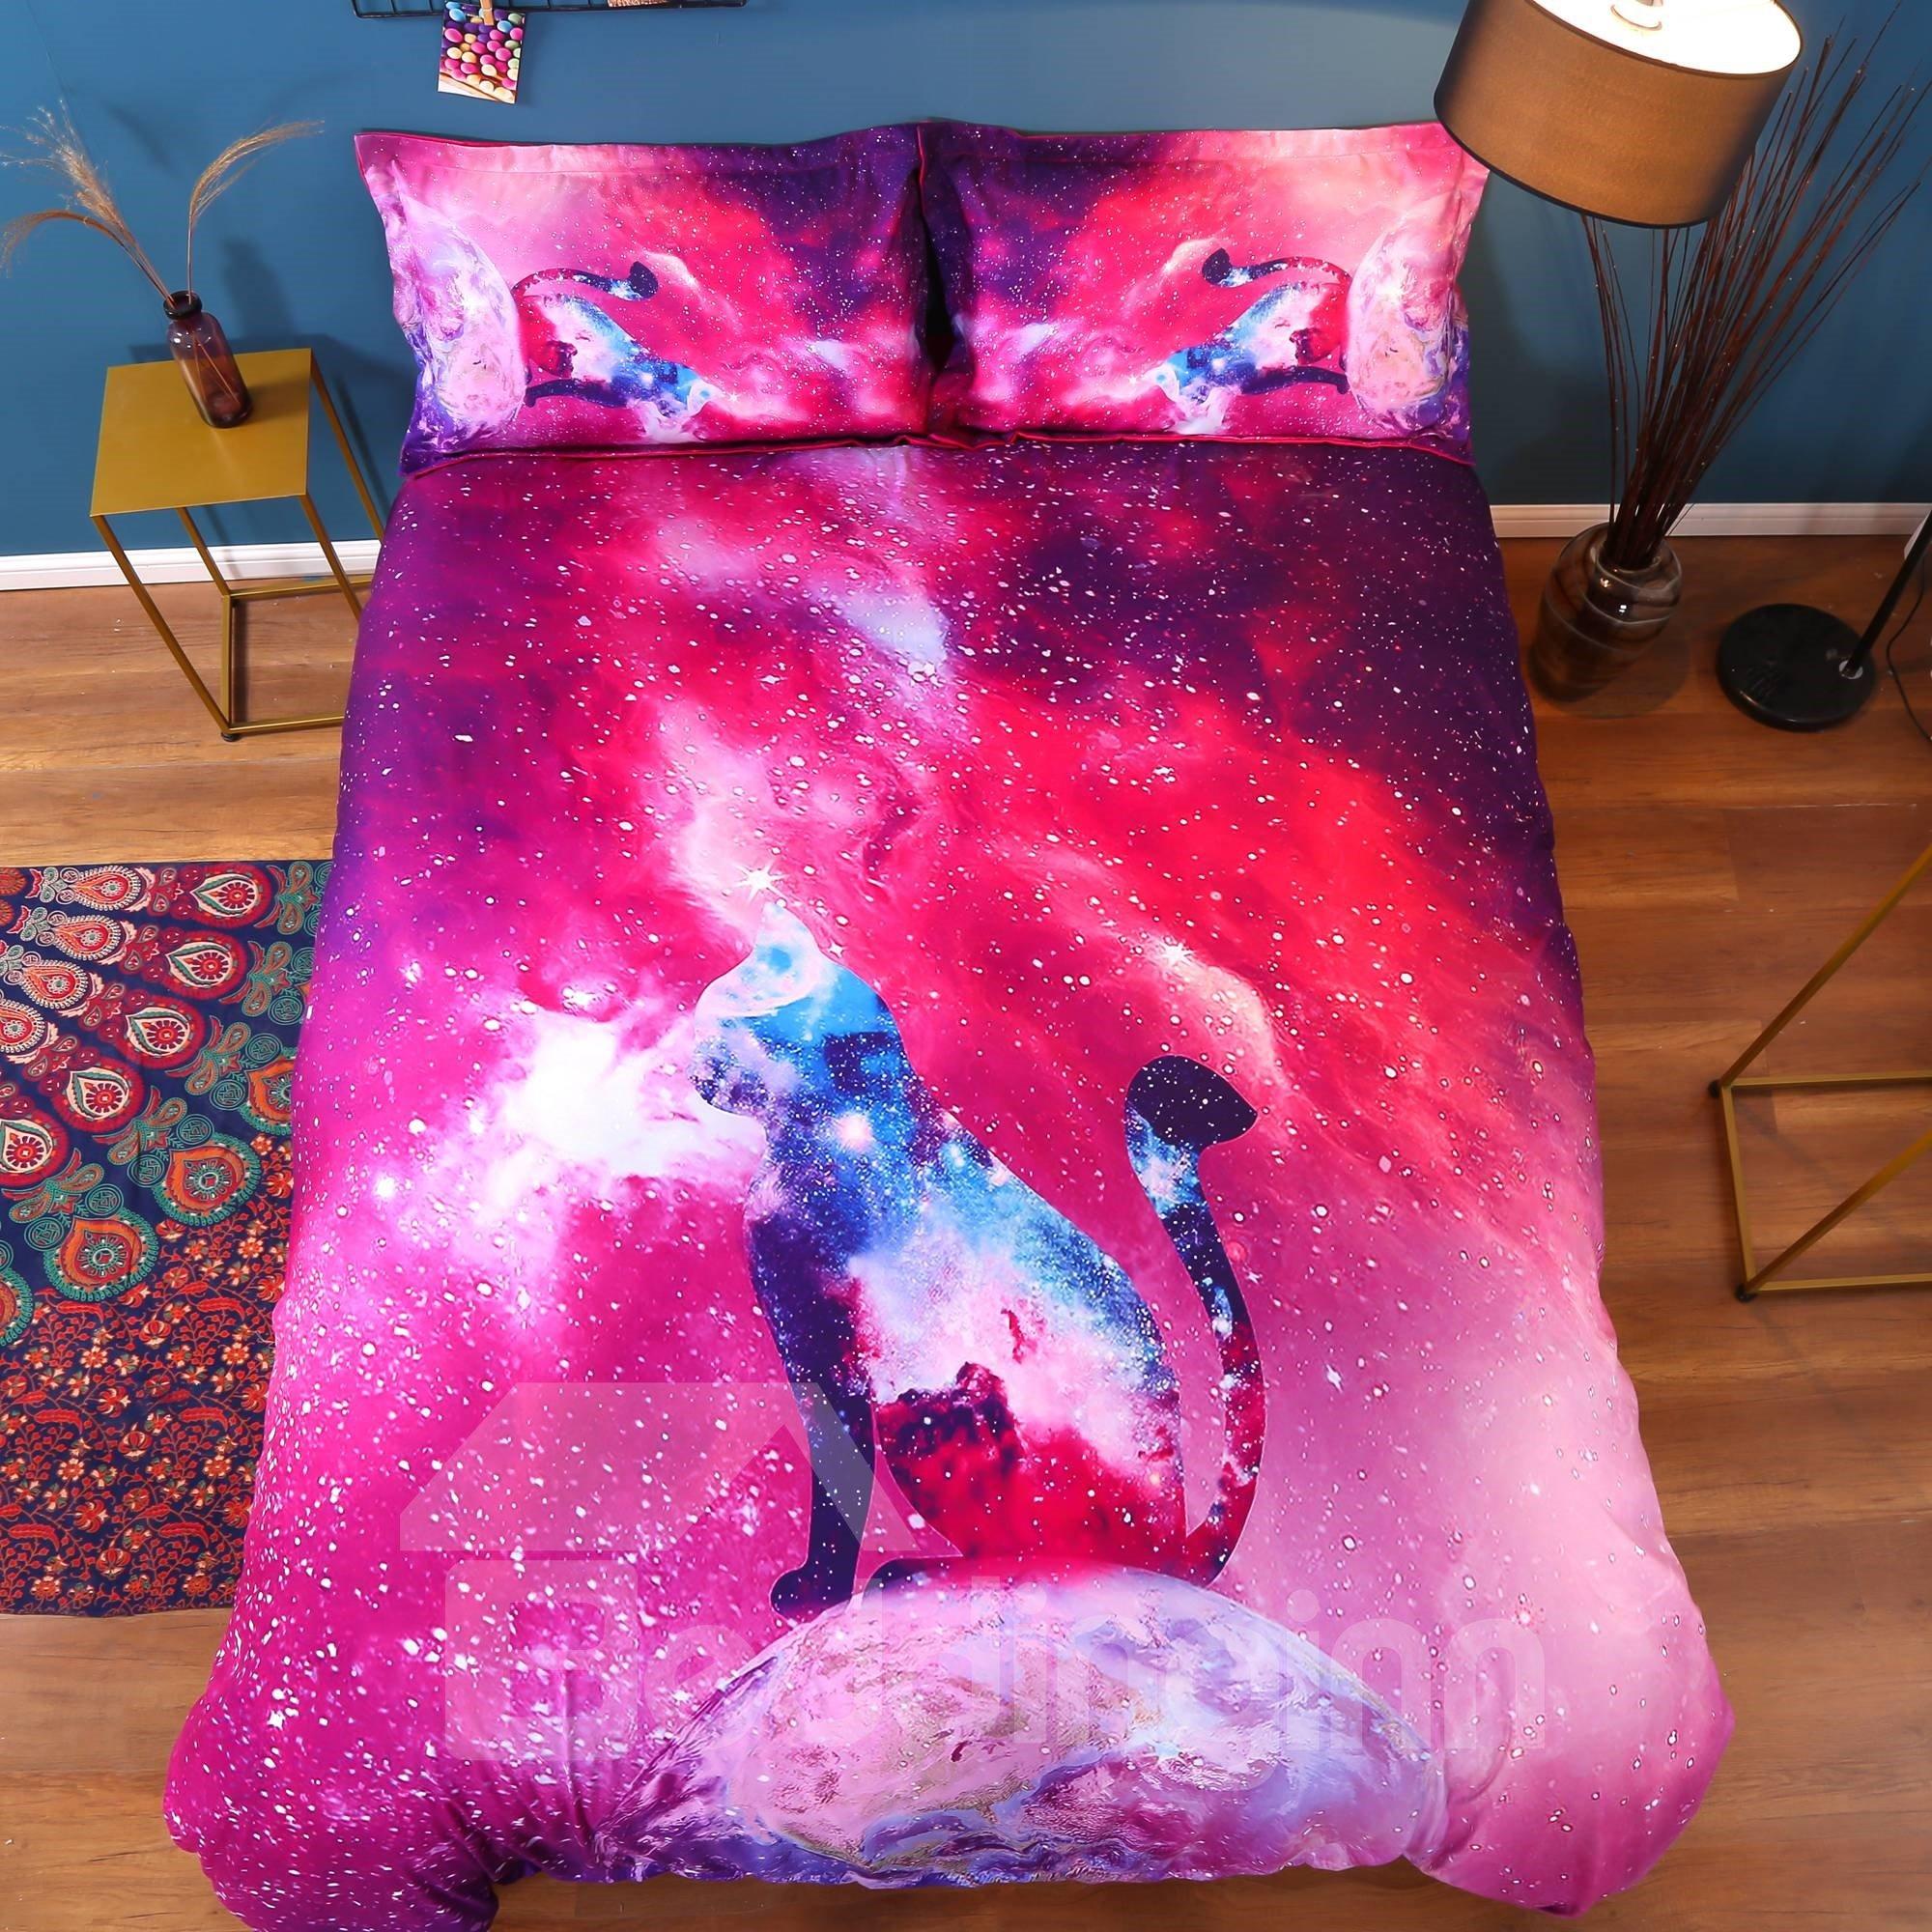 Vivilinen 3D Colorful Galaxy Cat Printed Cotton 4-Piece Bedding Sets/Duvet Covers